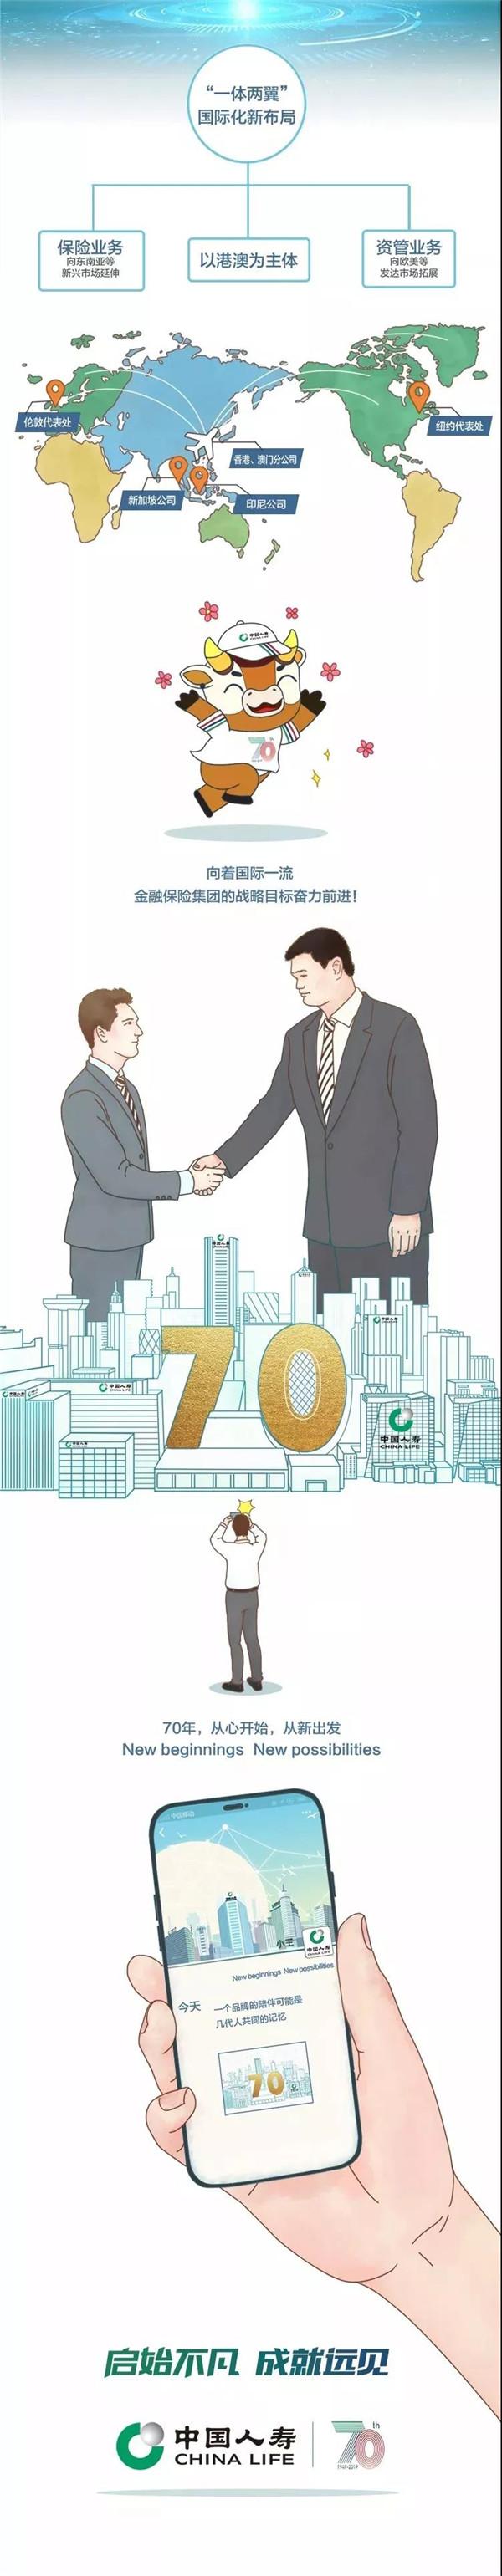 20191012中国人寿企业发展广告片-4.jpg